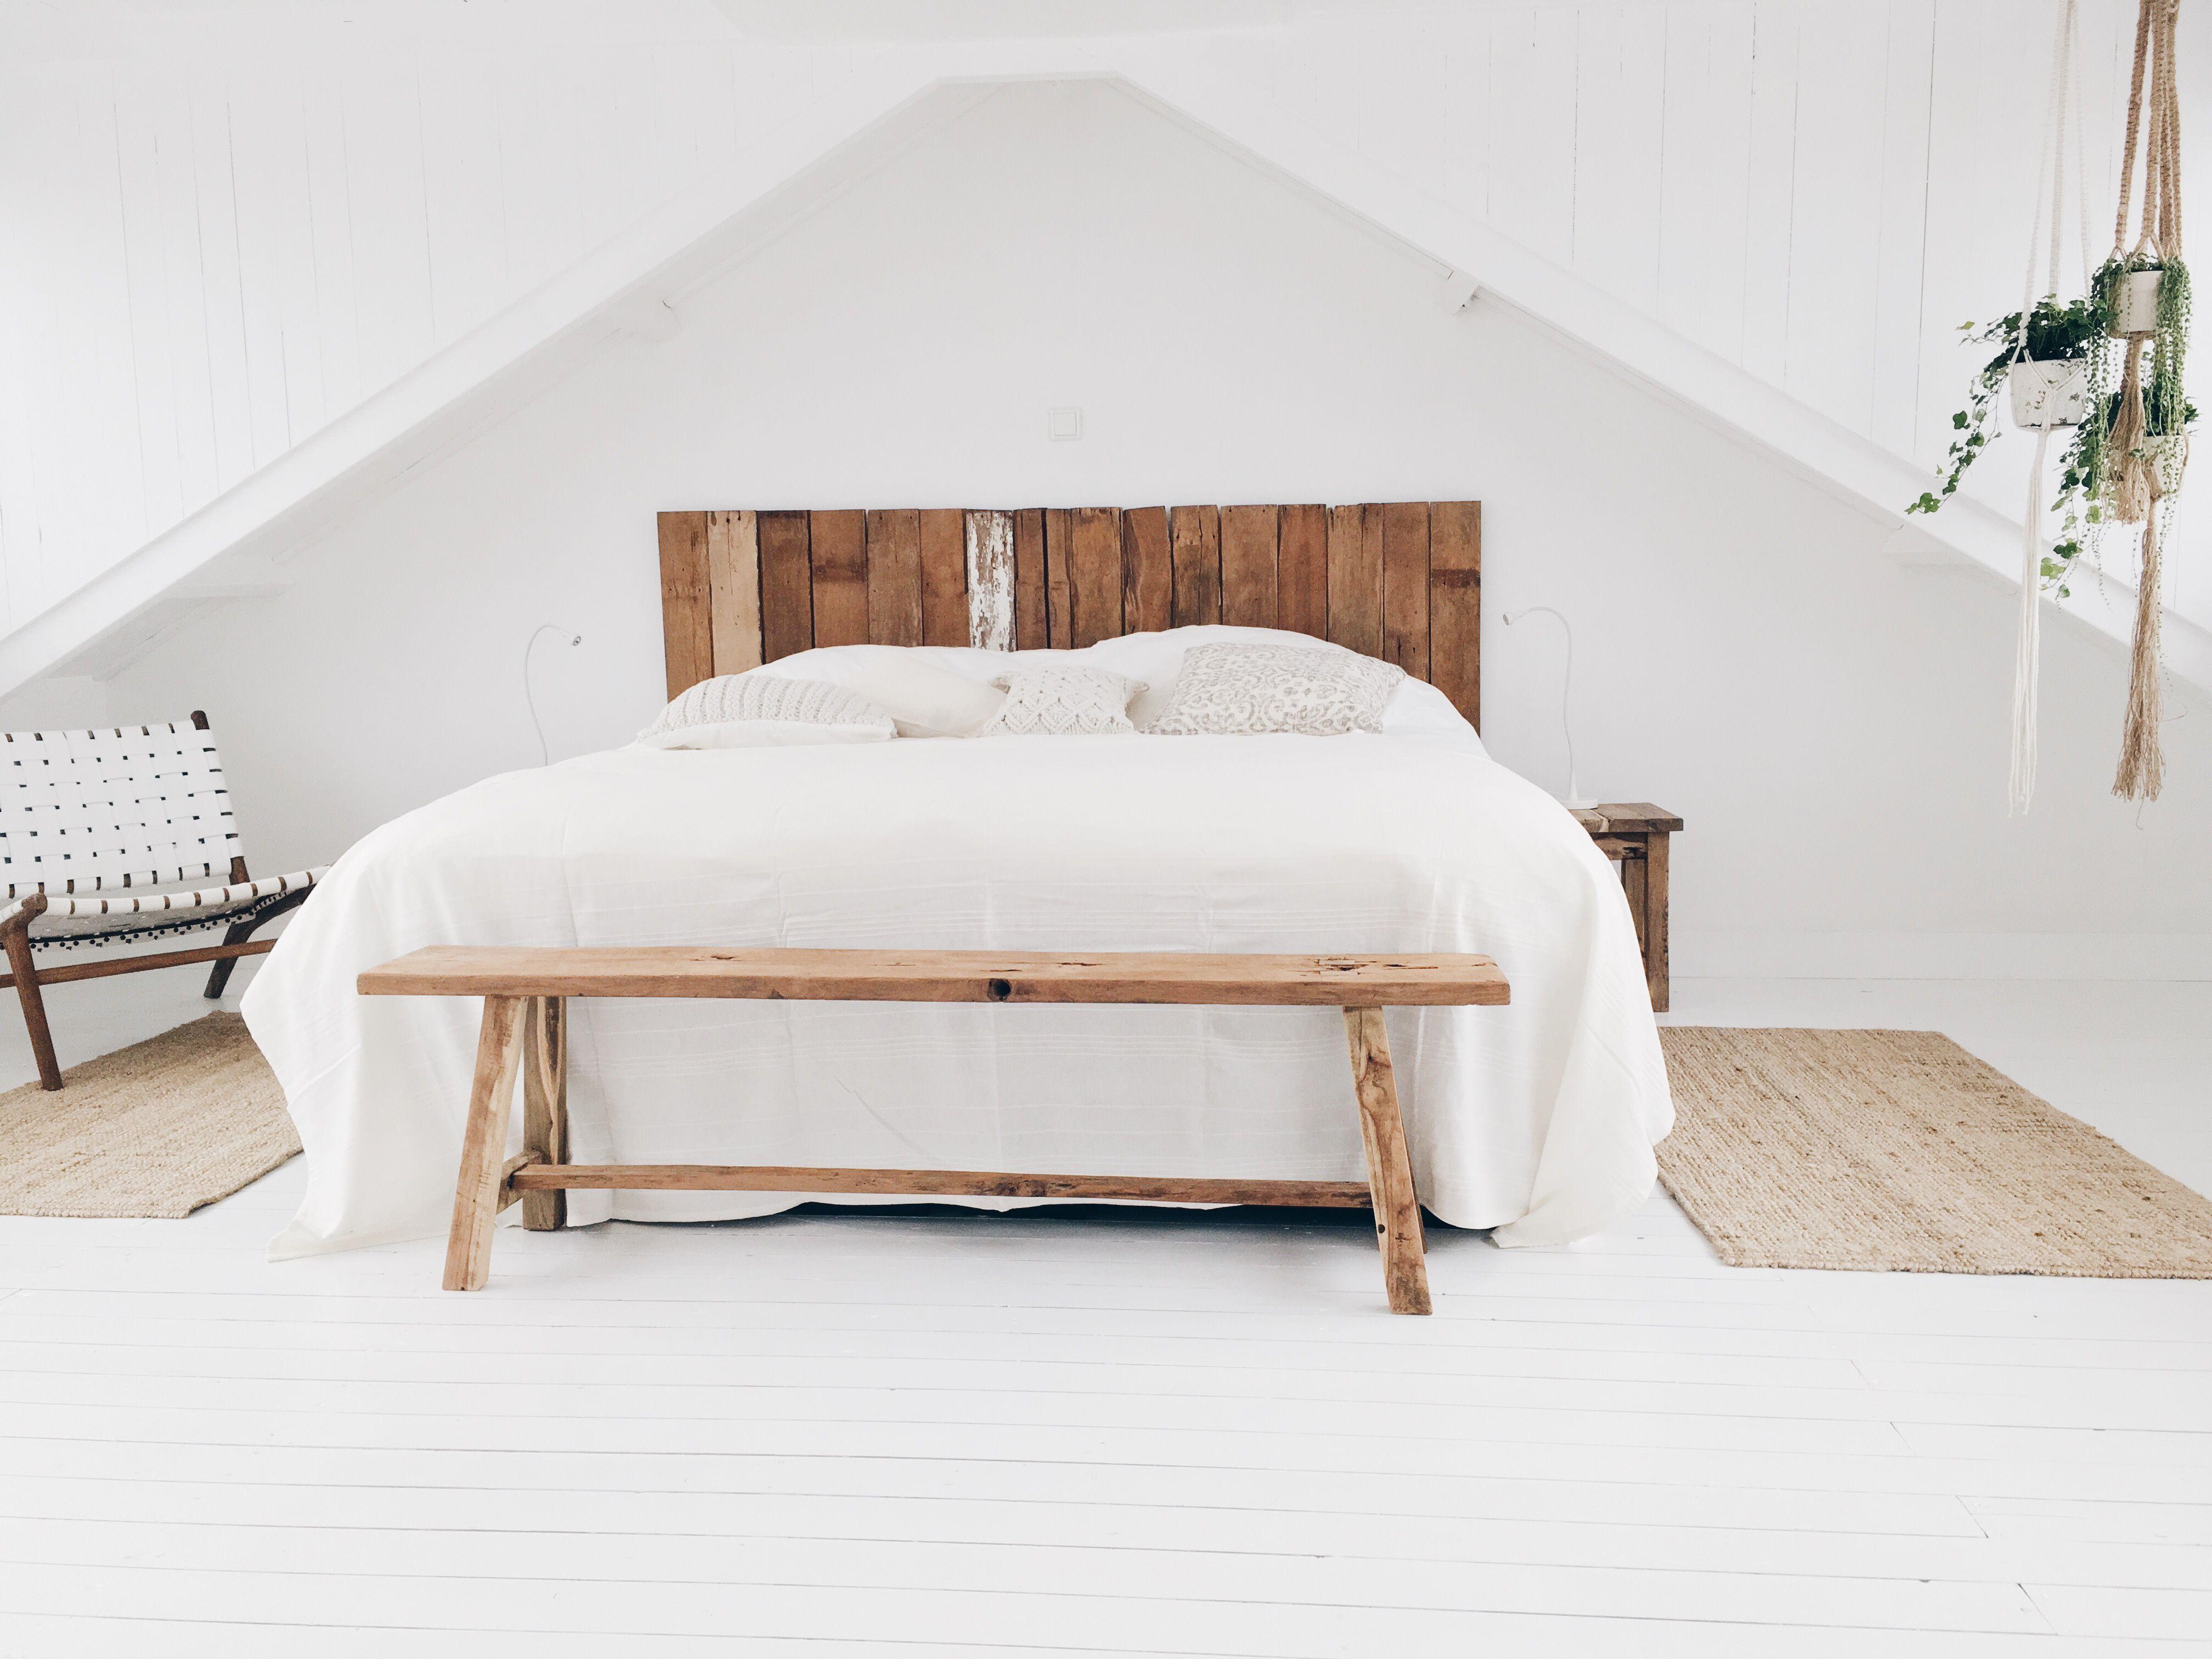 Houten Bankje Slaapkamer : Slaapkamer huurhuis noordwijk met het oud houten bankje krukje